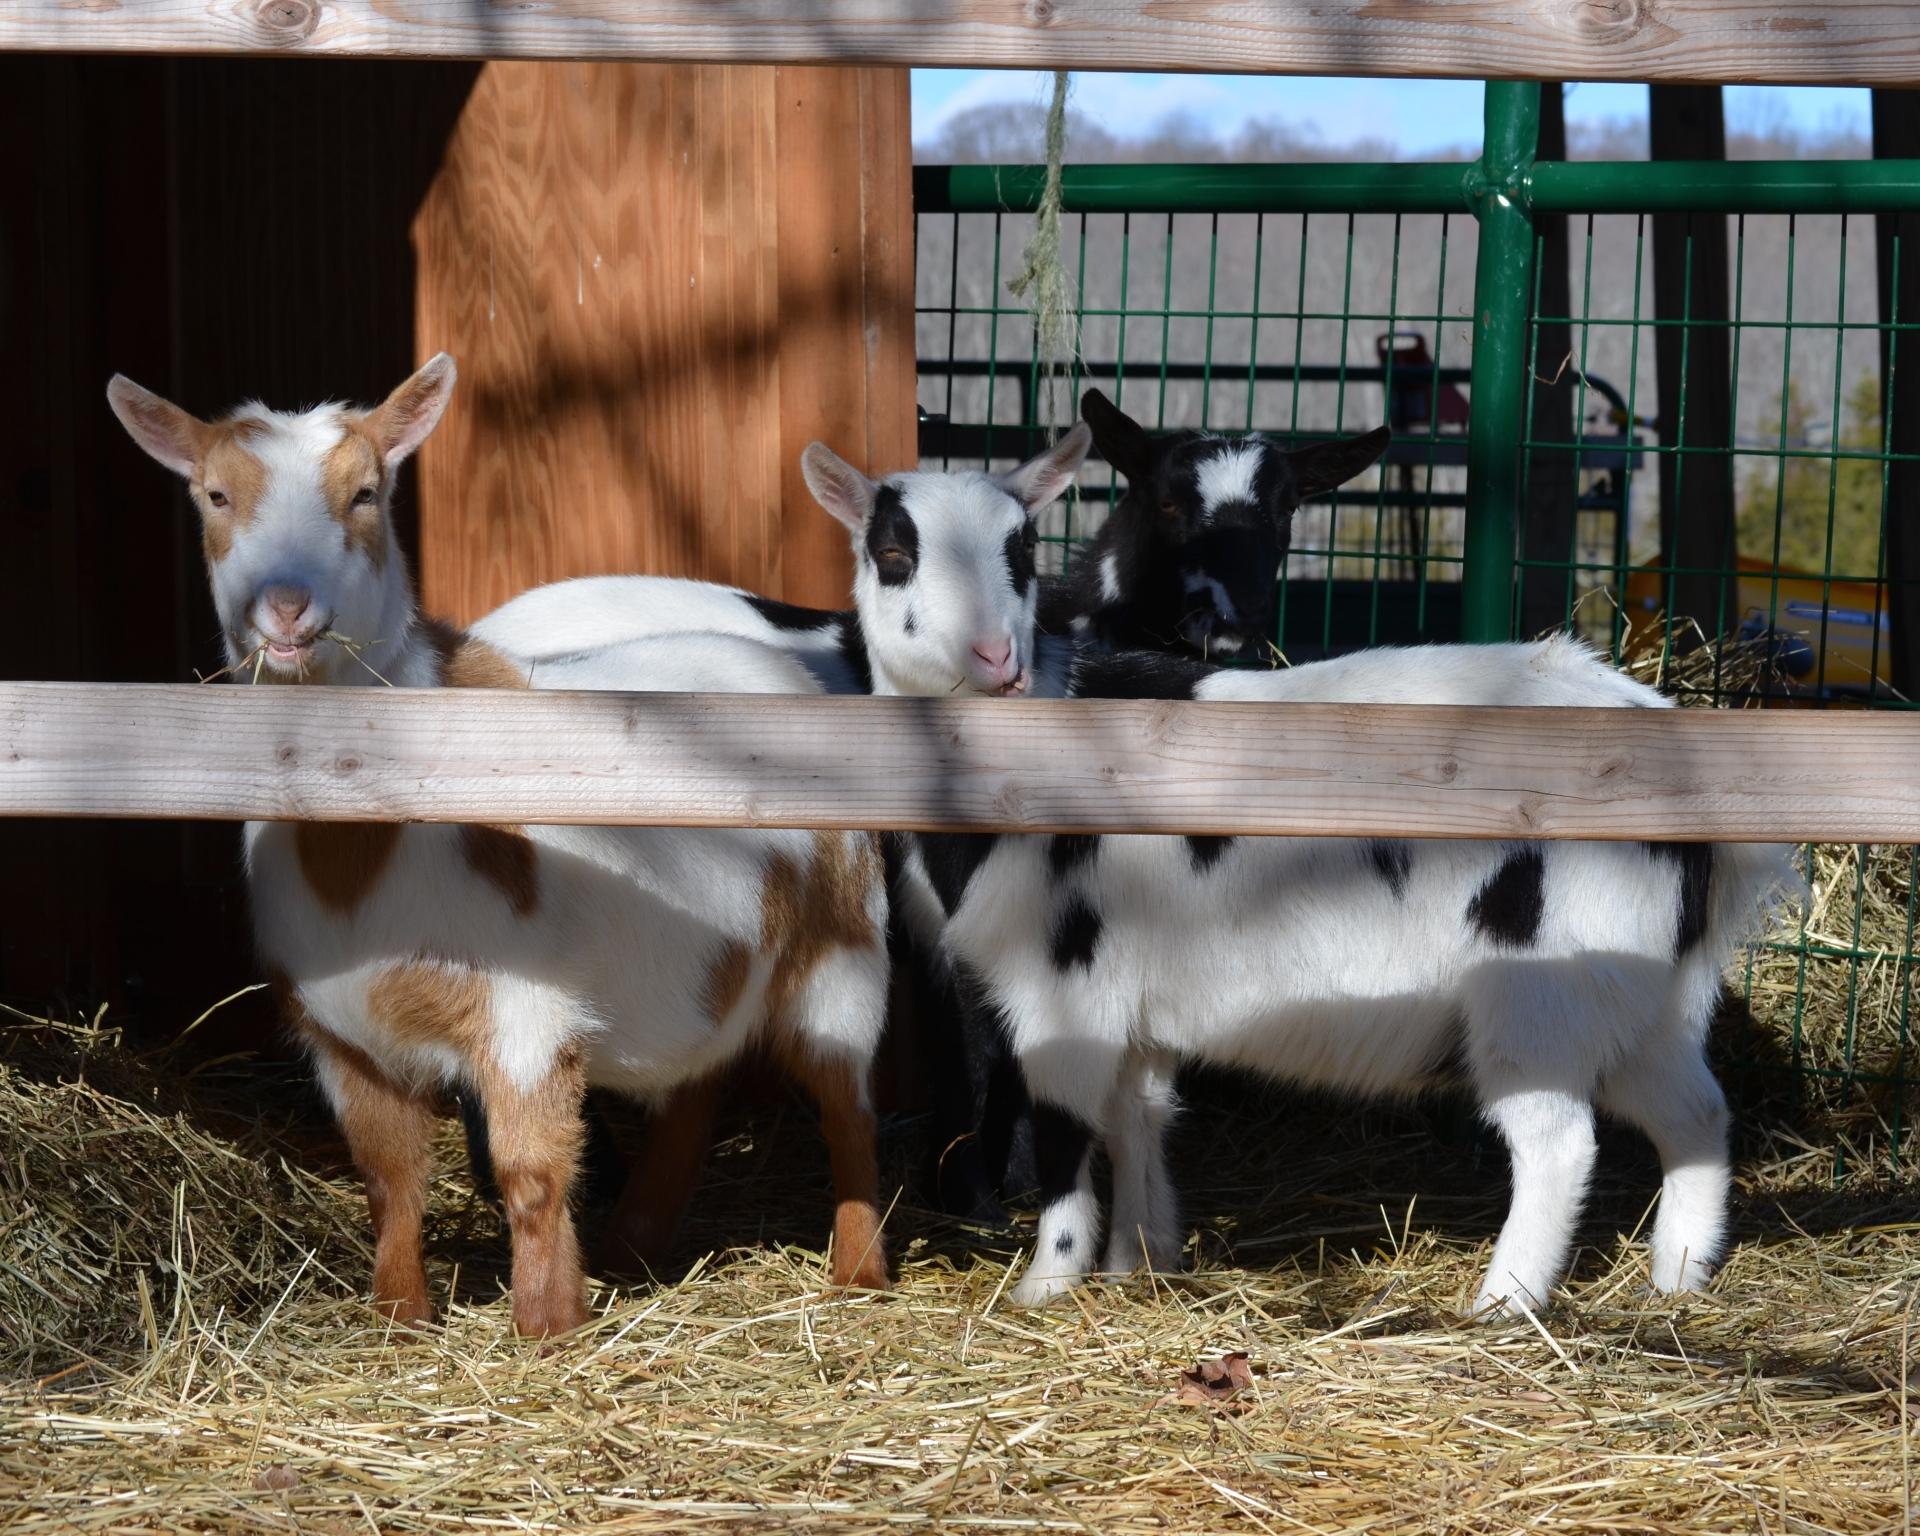 Goaties